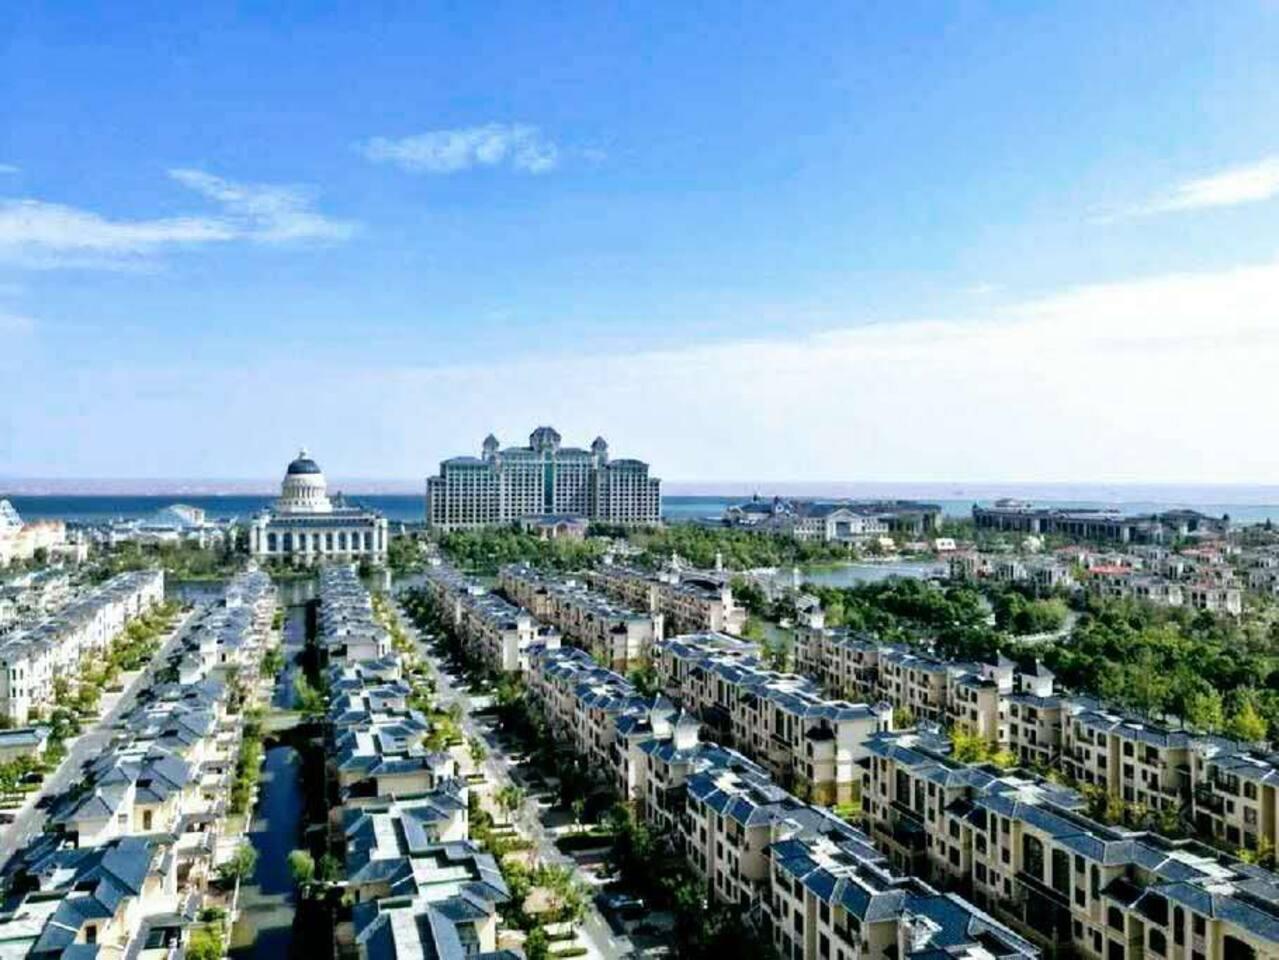 俯瞰恒大7星级中心与别墅区河道水路,赏海天一色